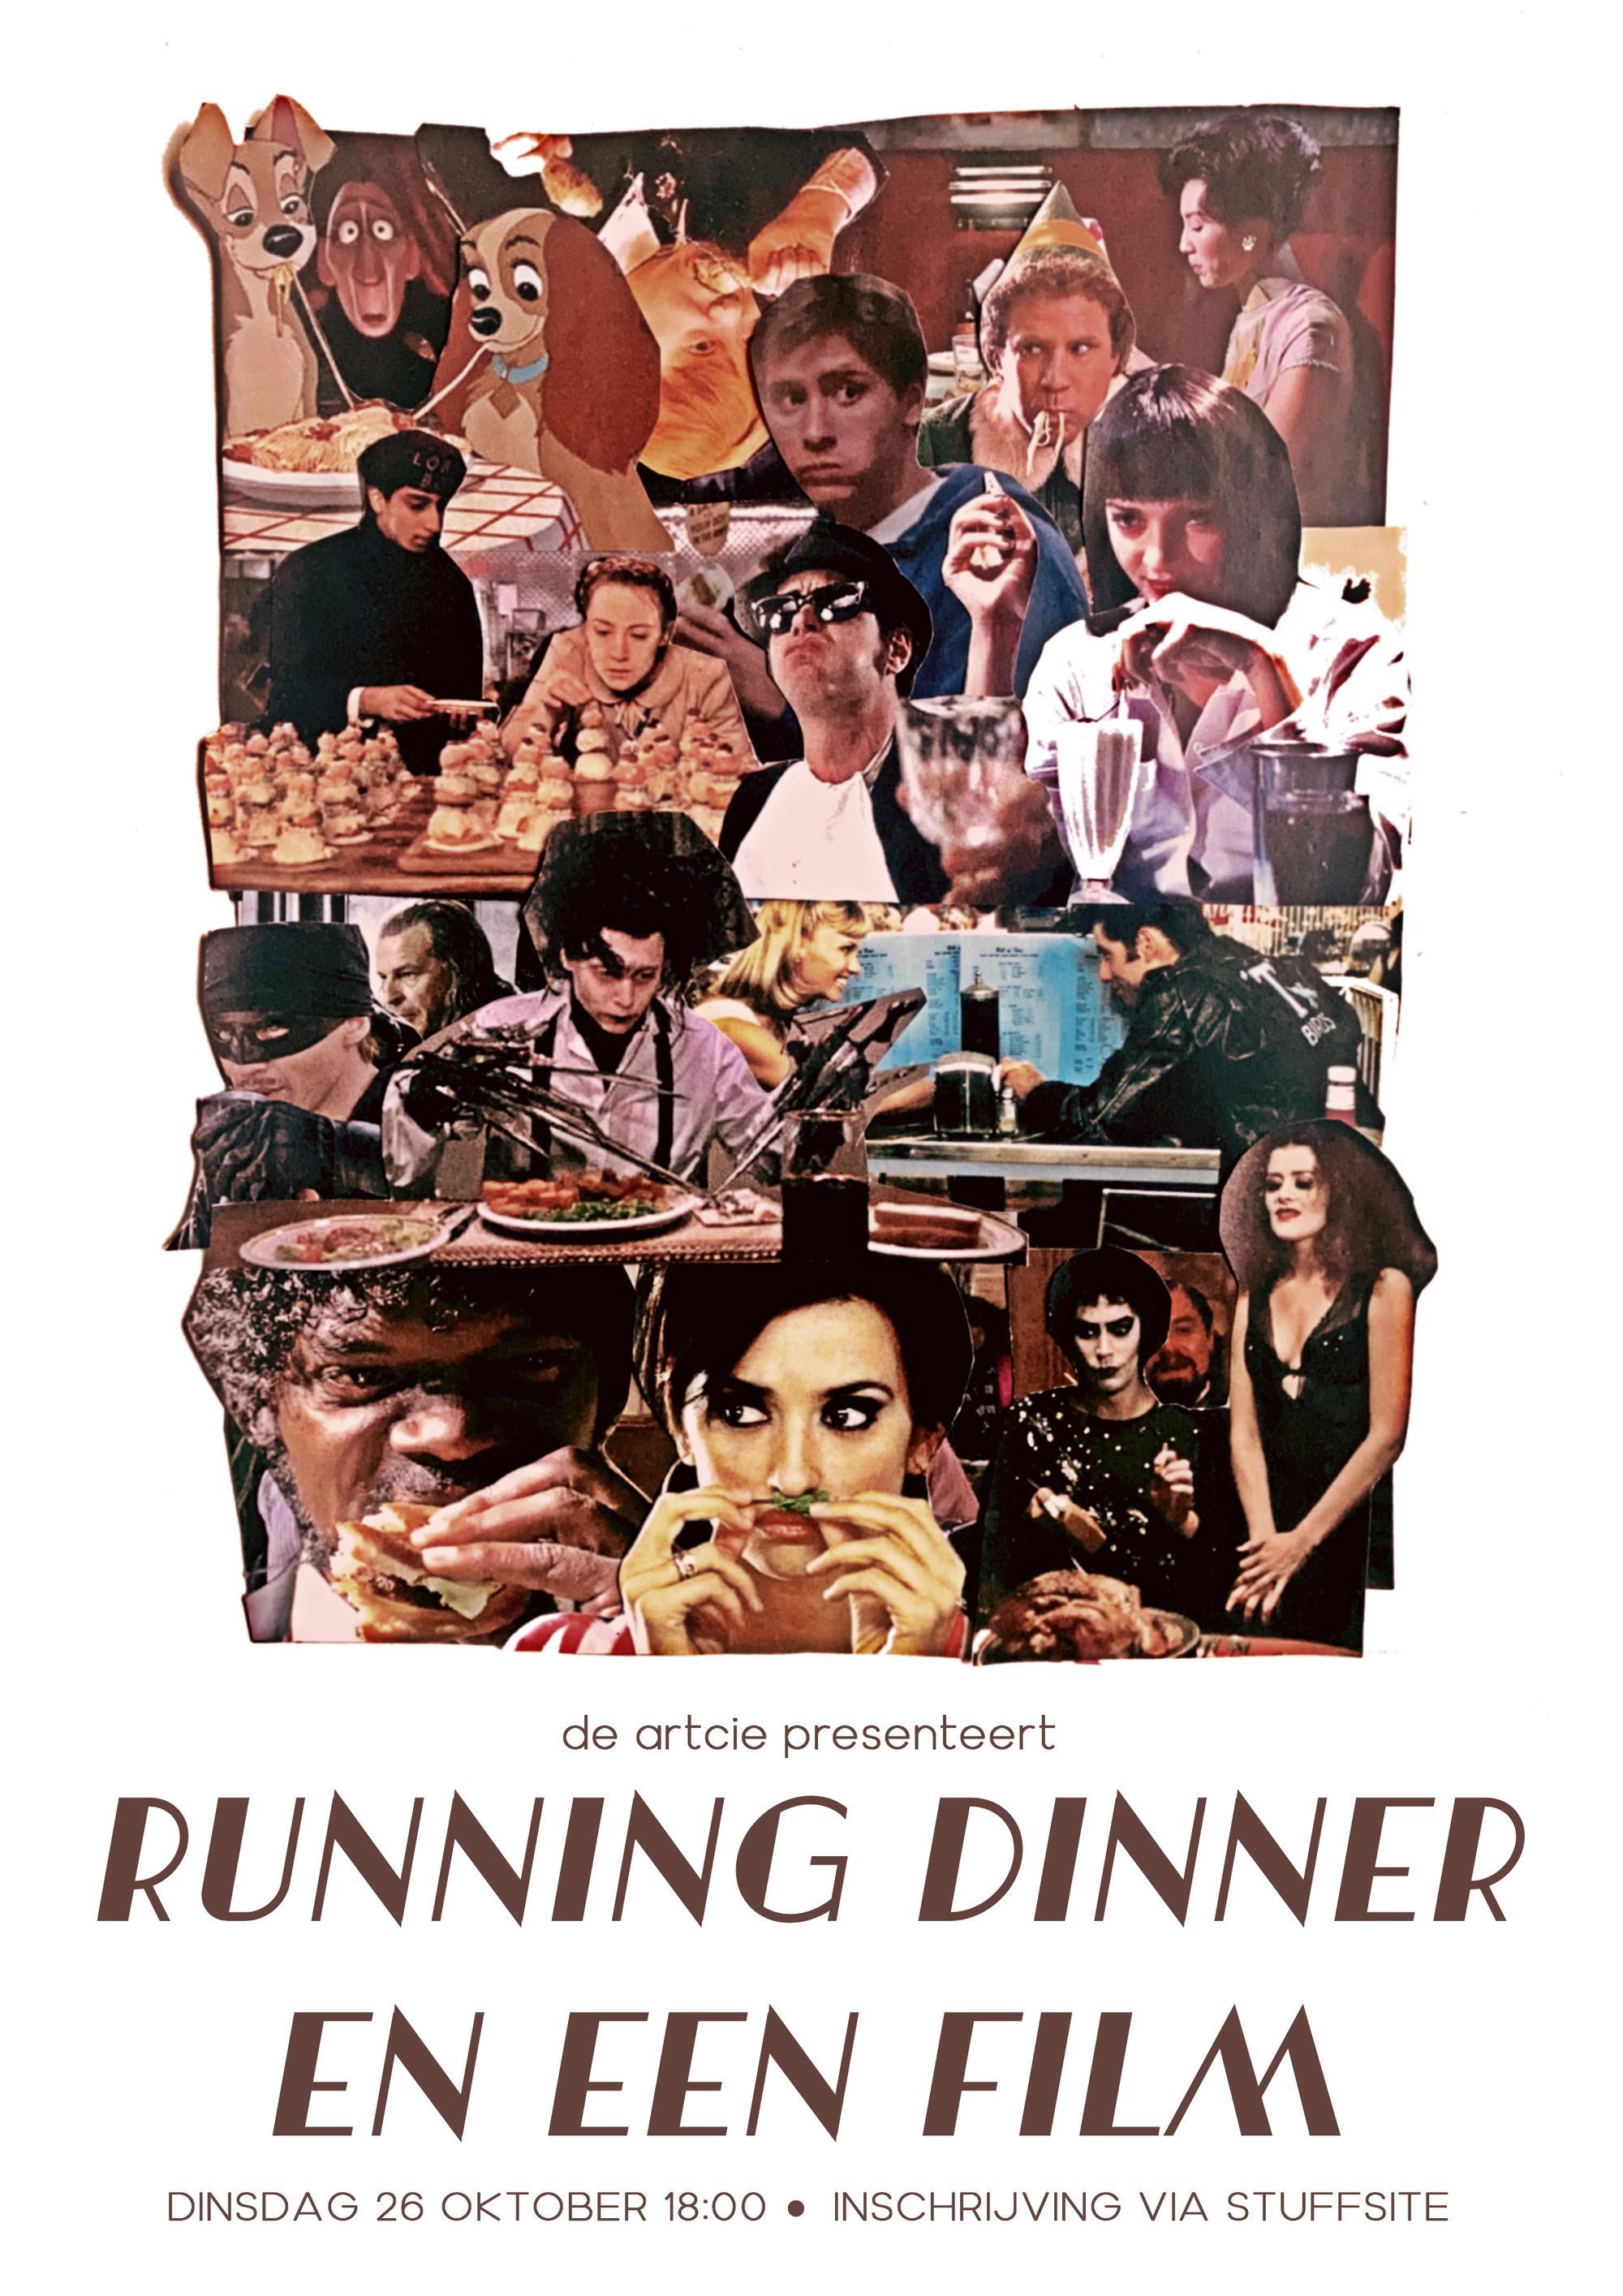 Running-dinner-en-een-film